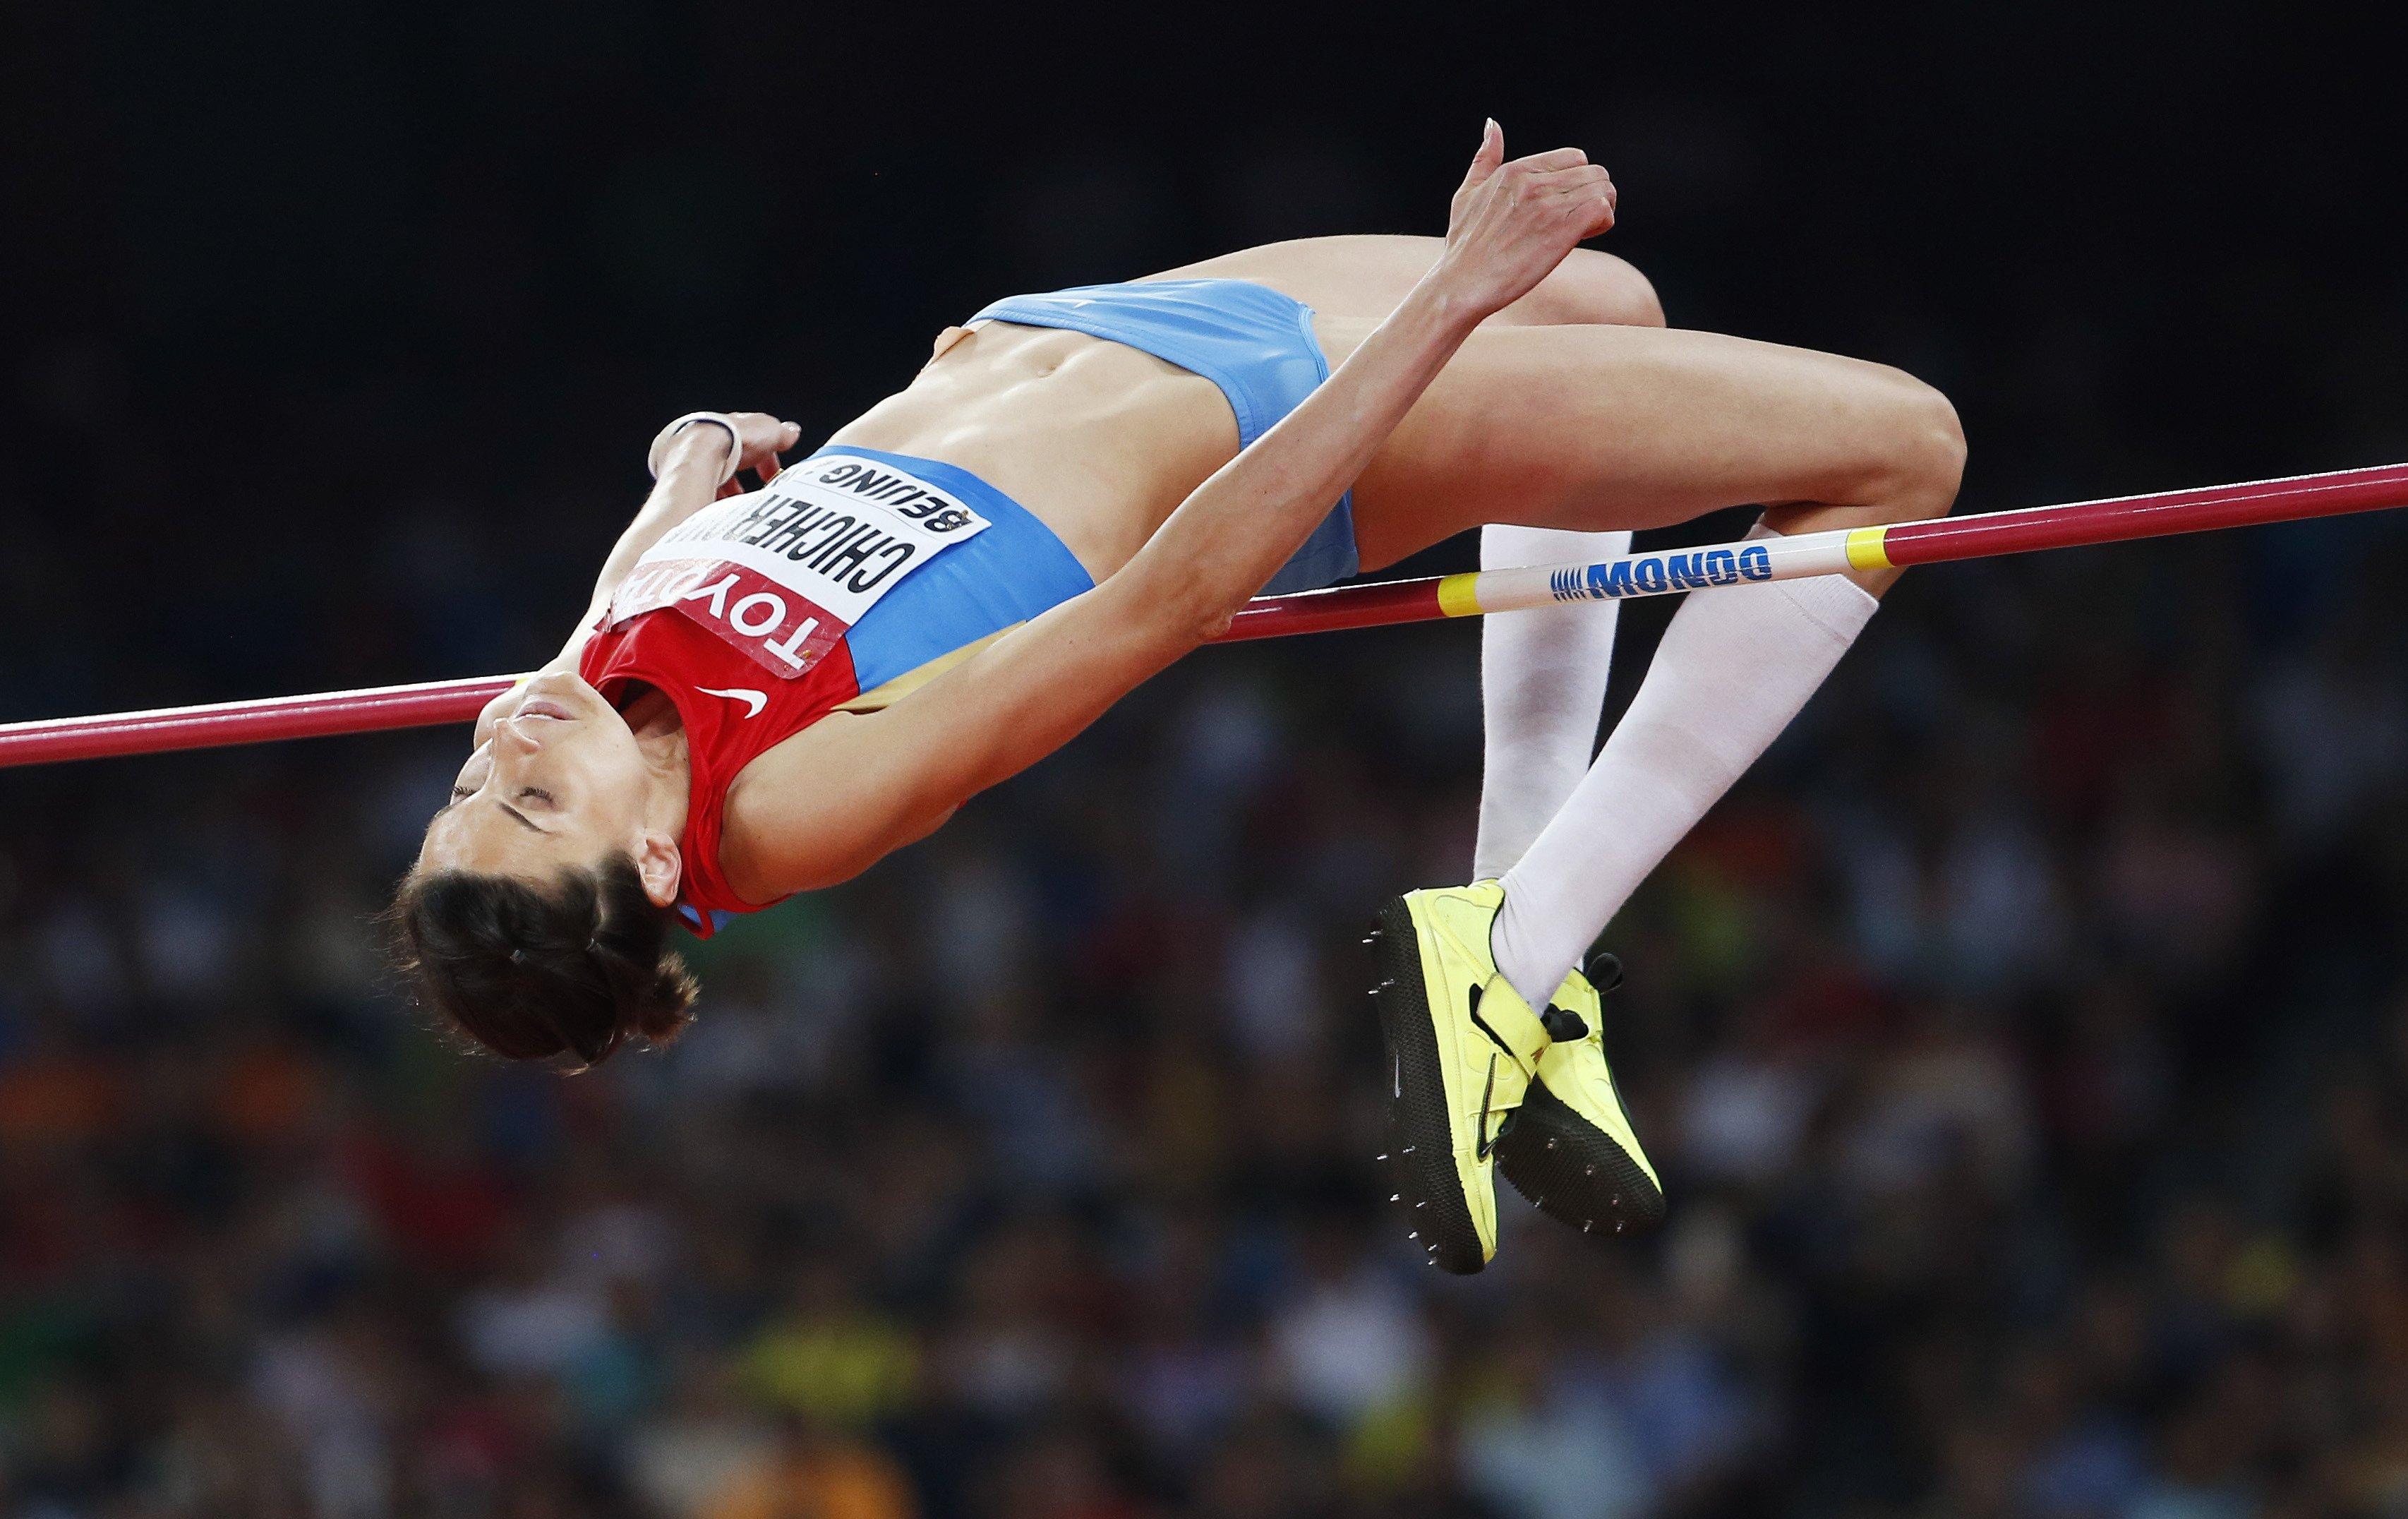 Чичерова обжалует решение МОКа о лишении медали Игр-2008 в CAS